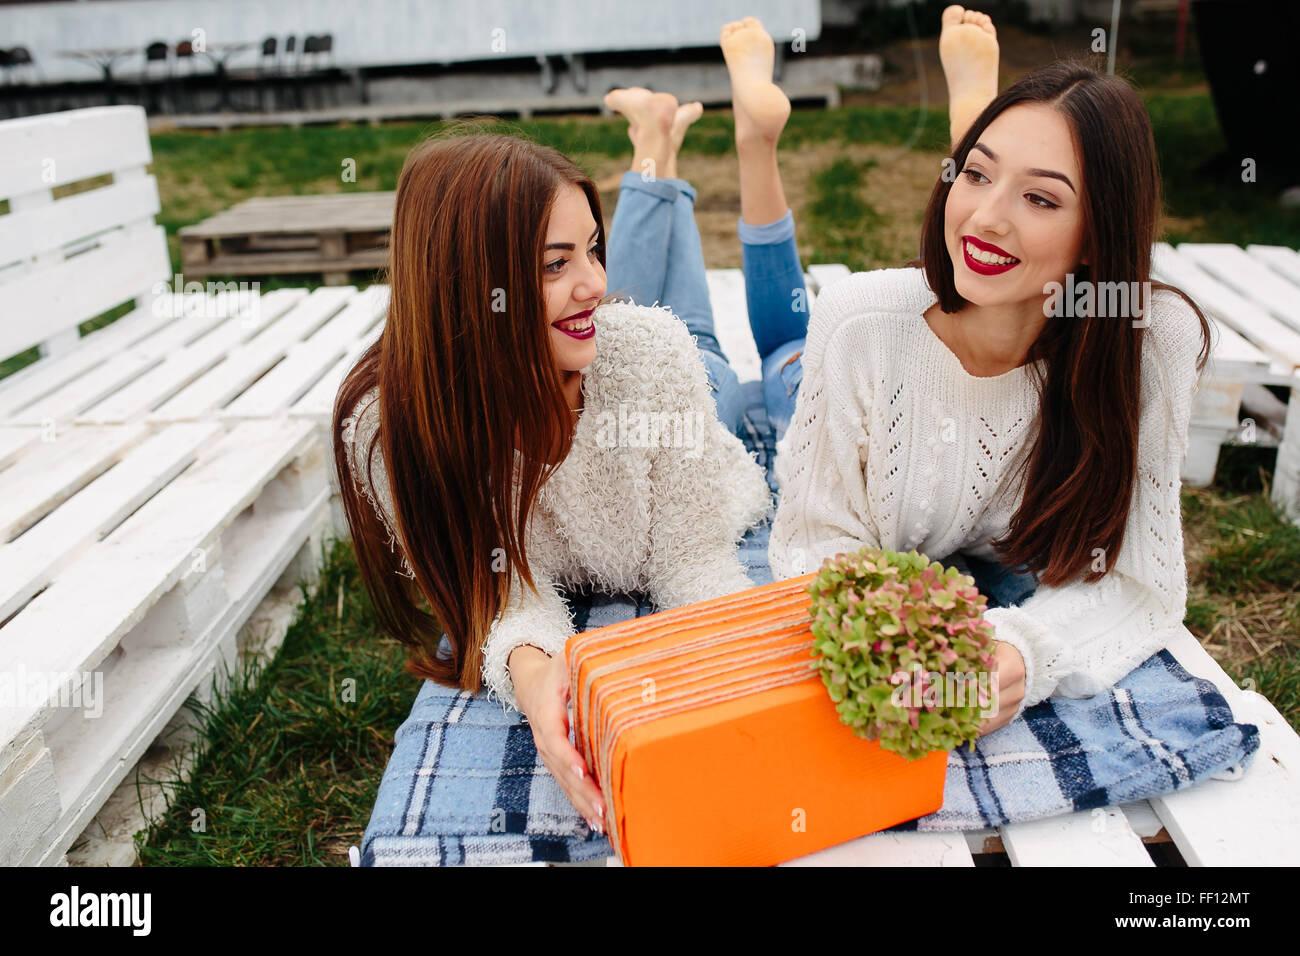 Mädchen auf der Bank liegen und geben sich gegenseitig Geschenke Stockbild